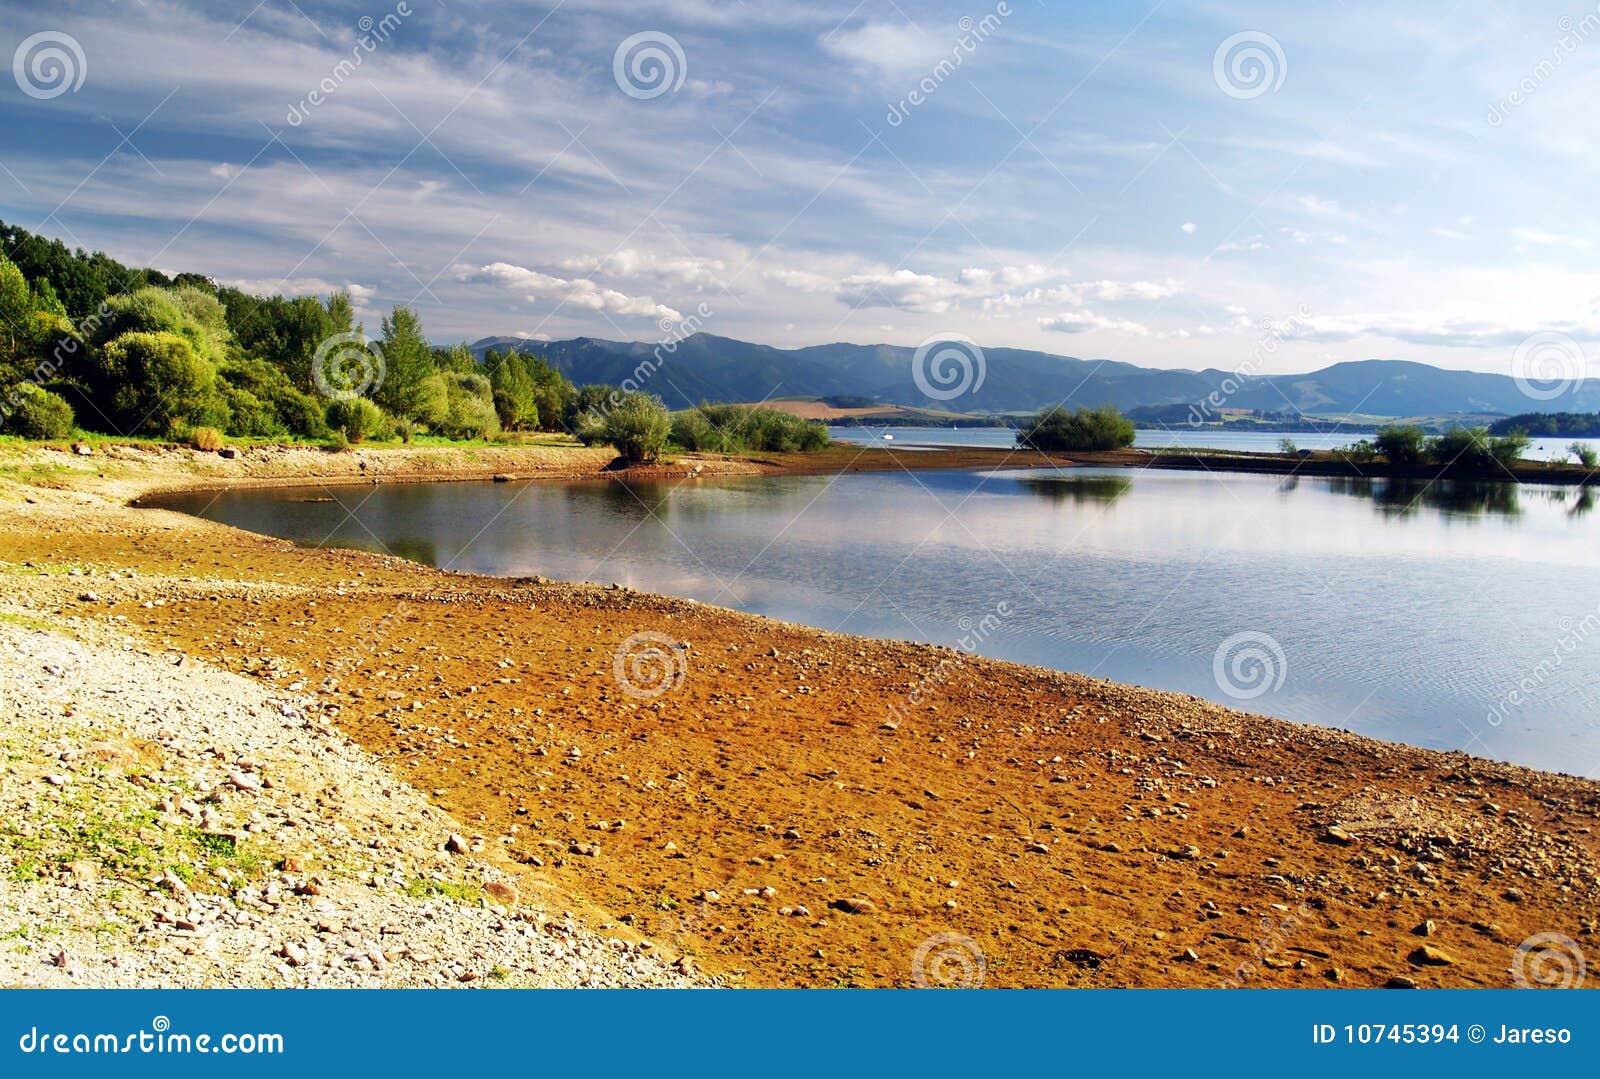 Shore - Liptovska Mara Lake